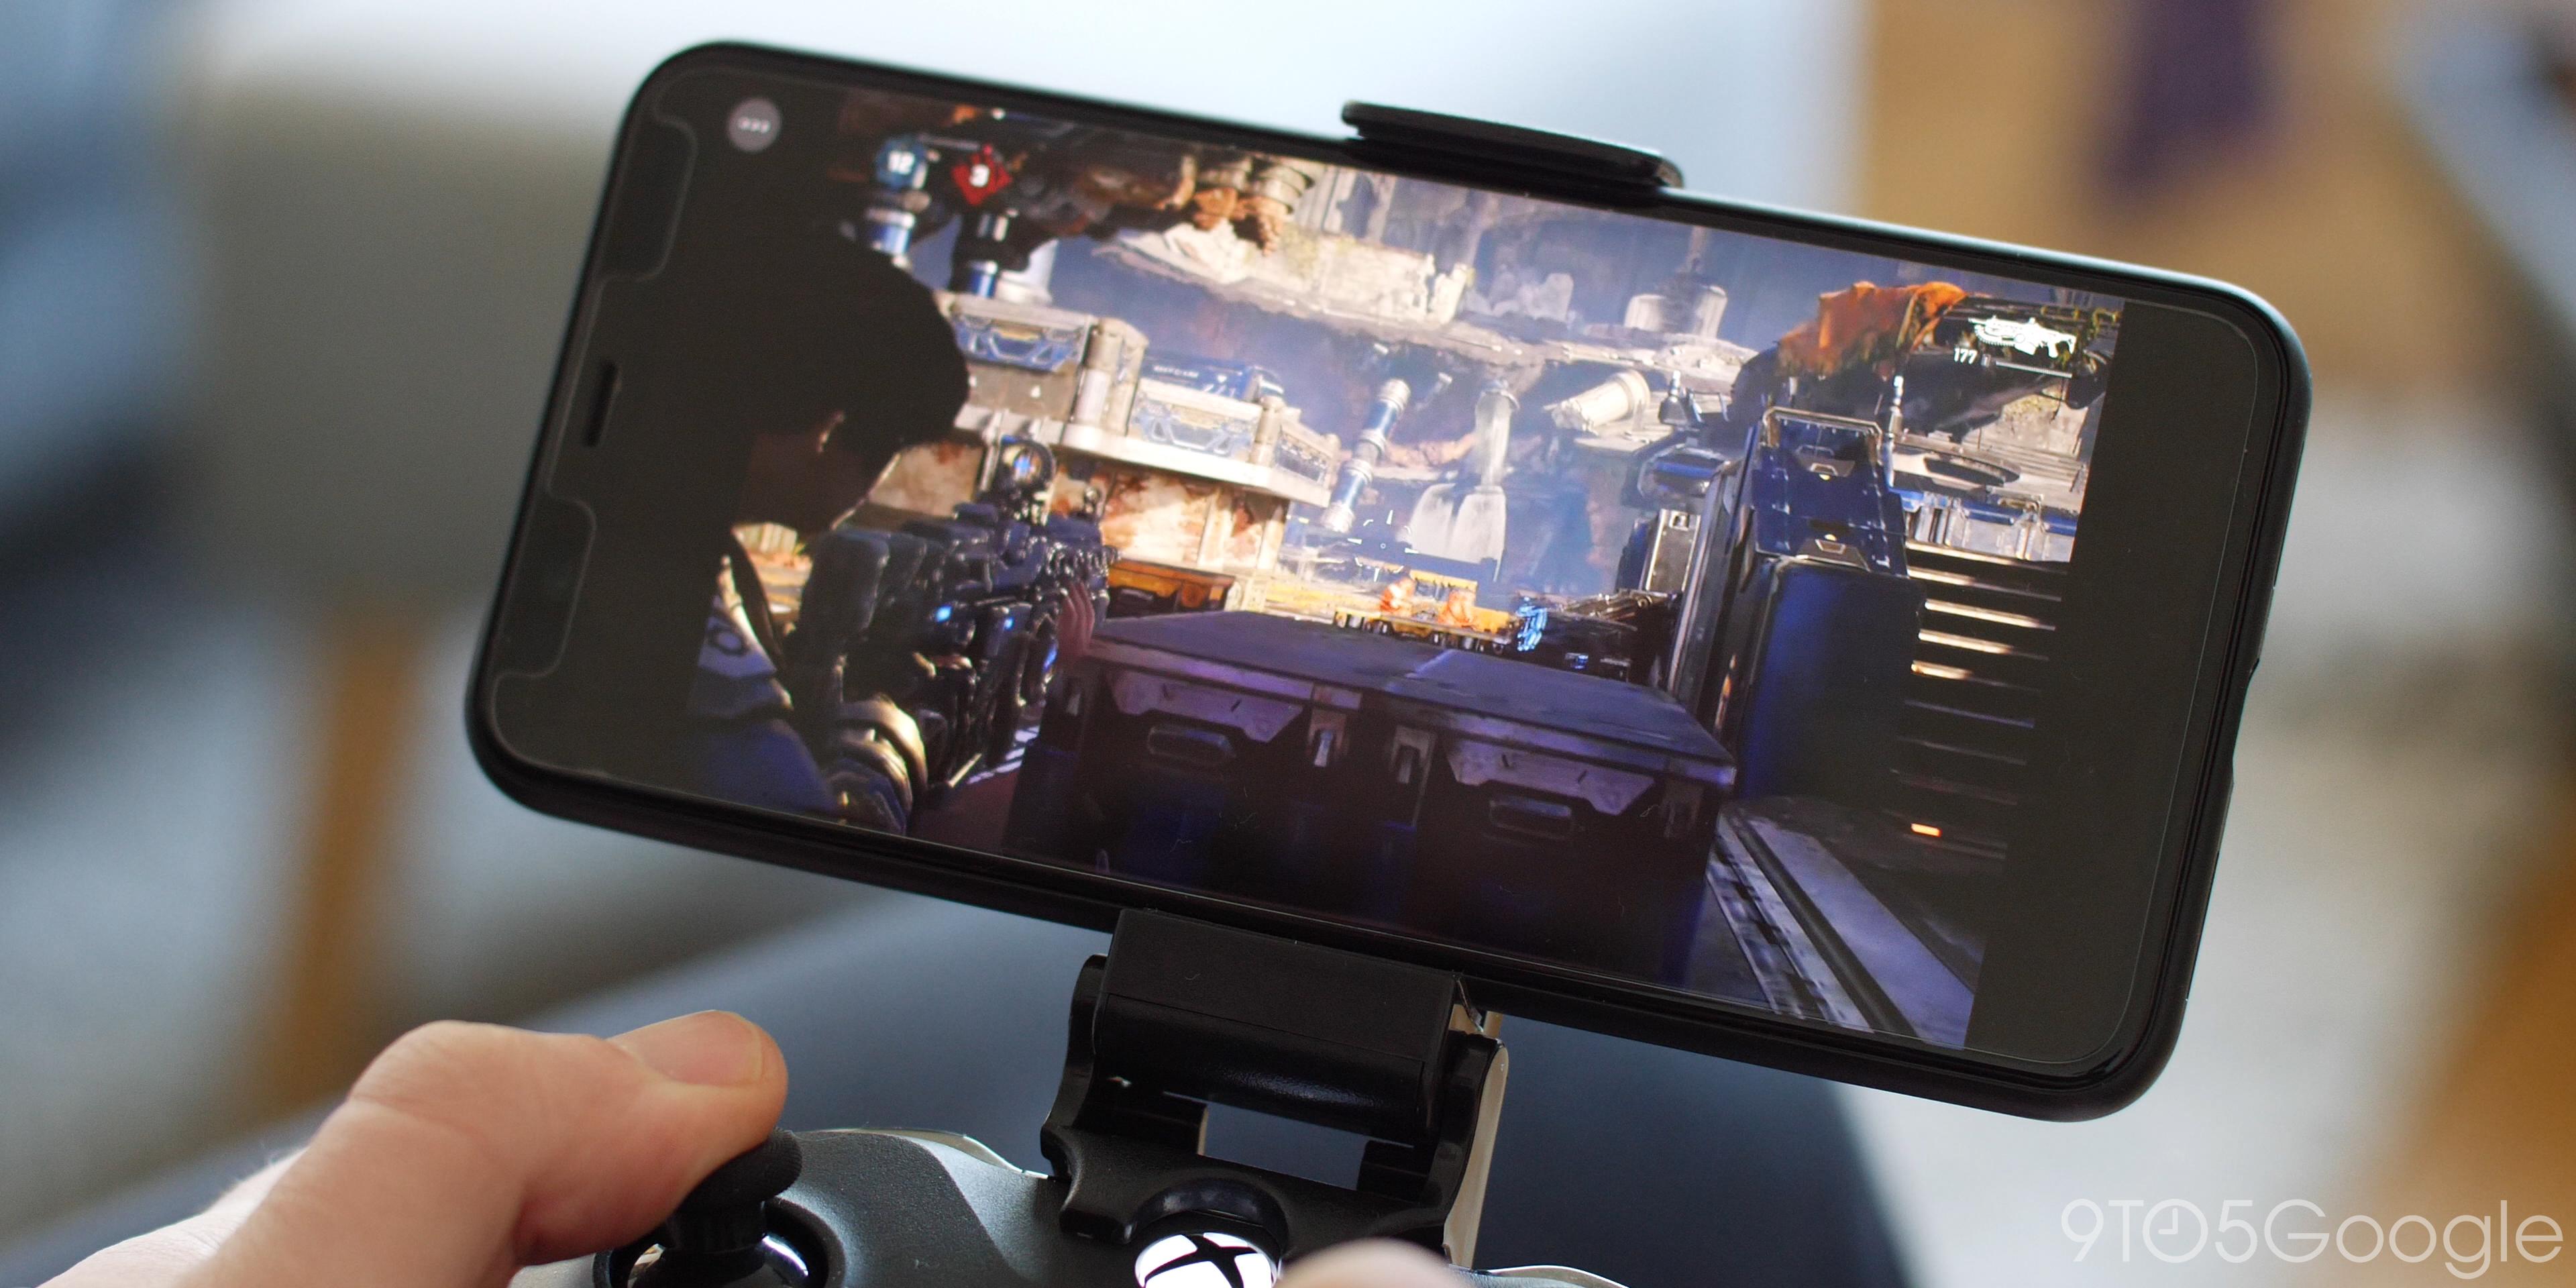 Microsoft xCloud online gaming gears 5